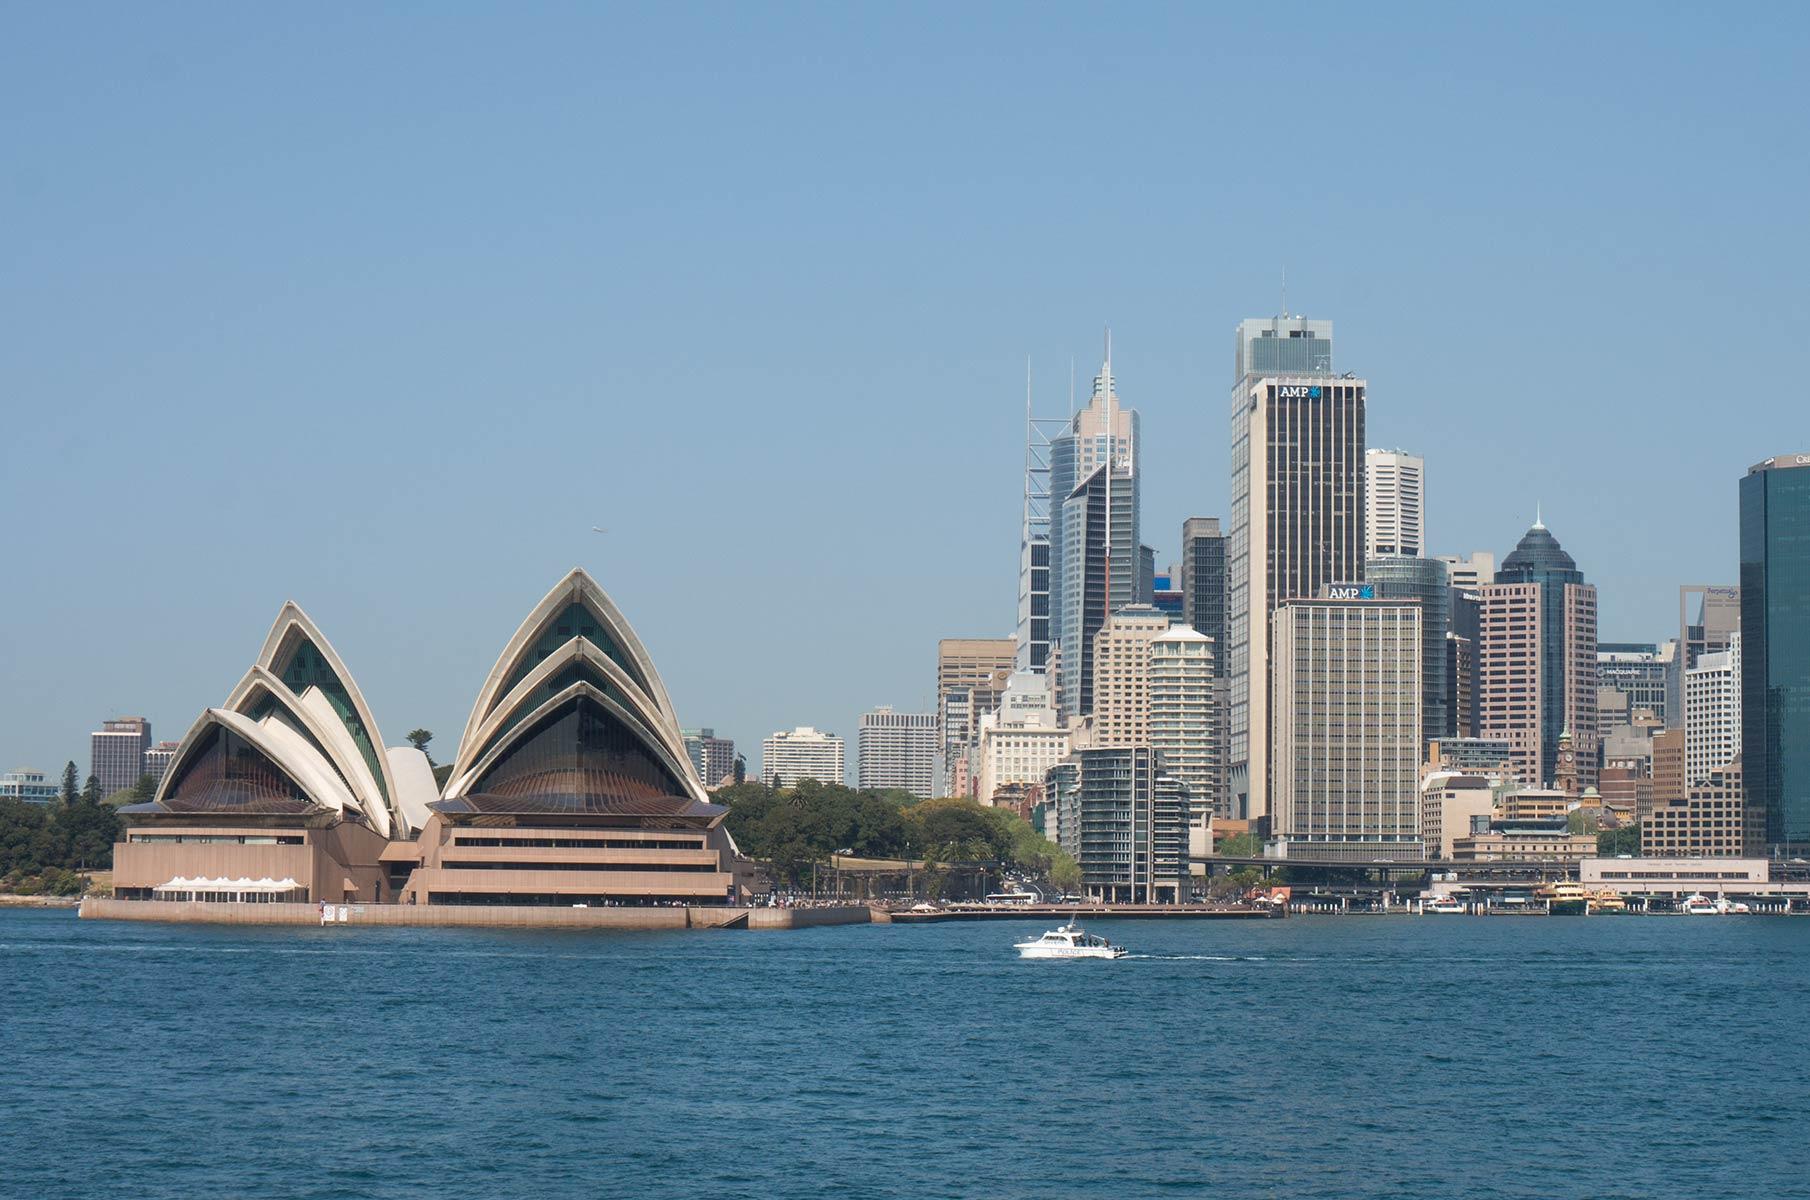 Blick vom Dr Mary Booth Lookout Reserve auf das Sydney Opera House Opernhaus in Sydney, Australien